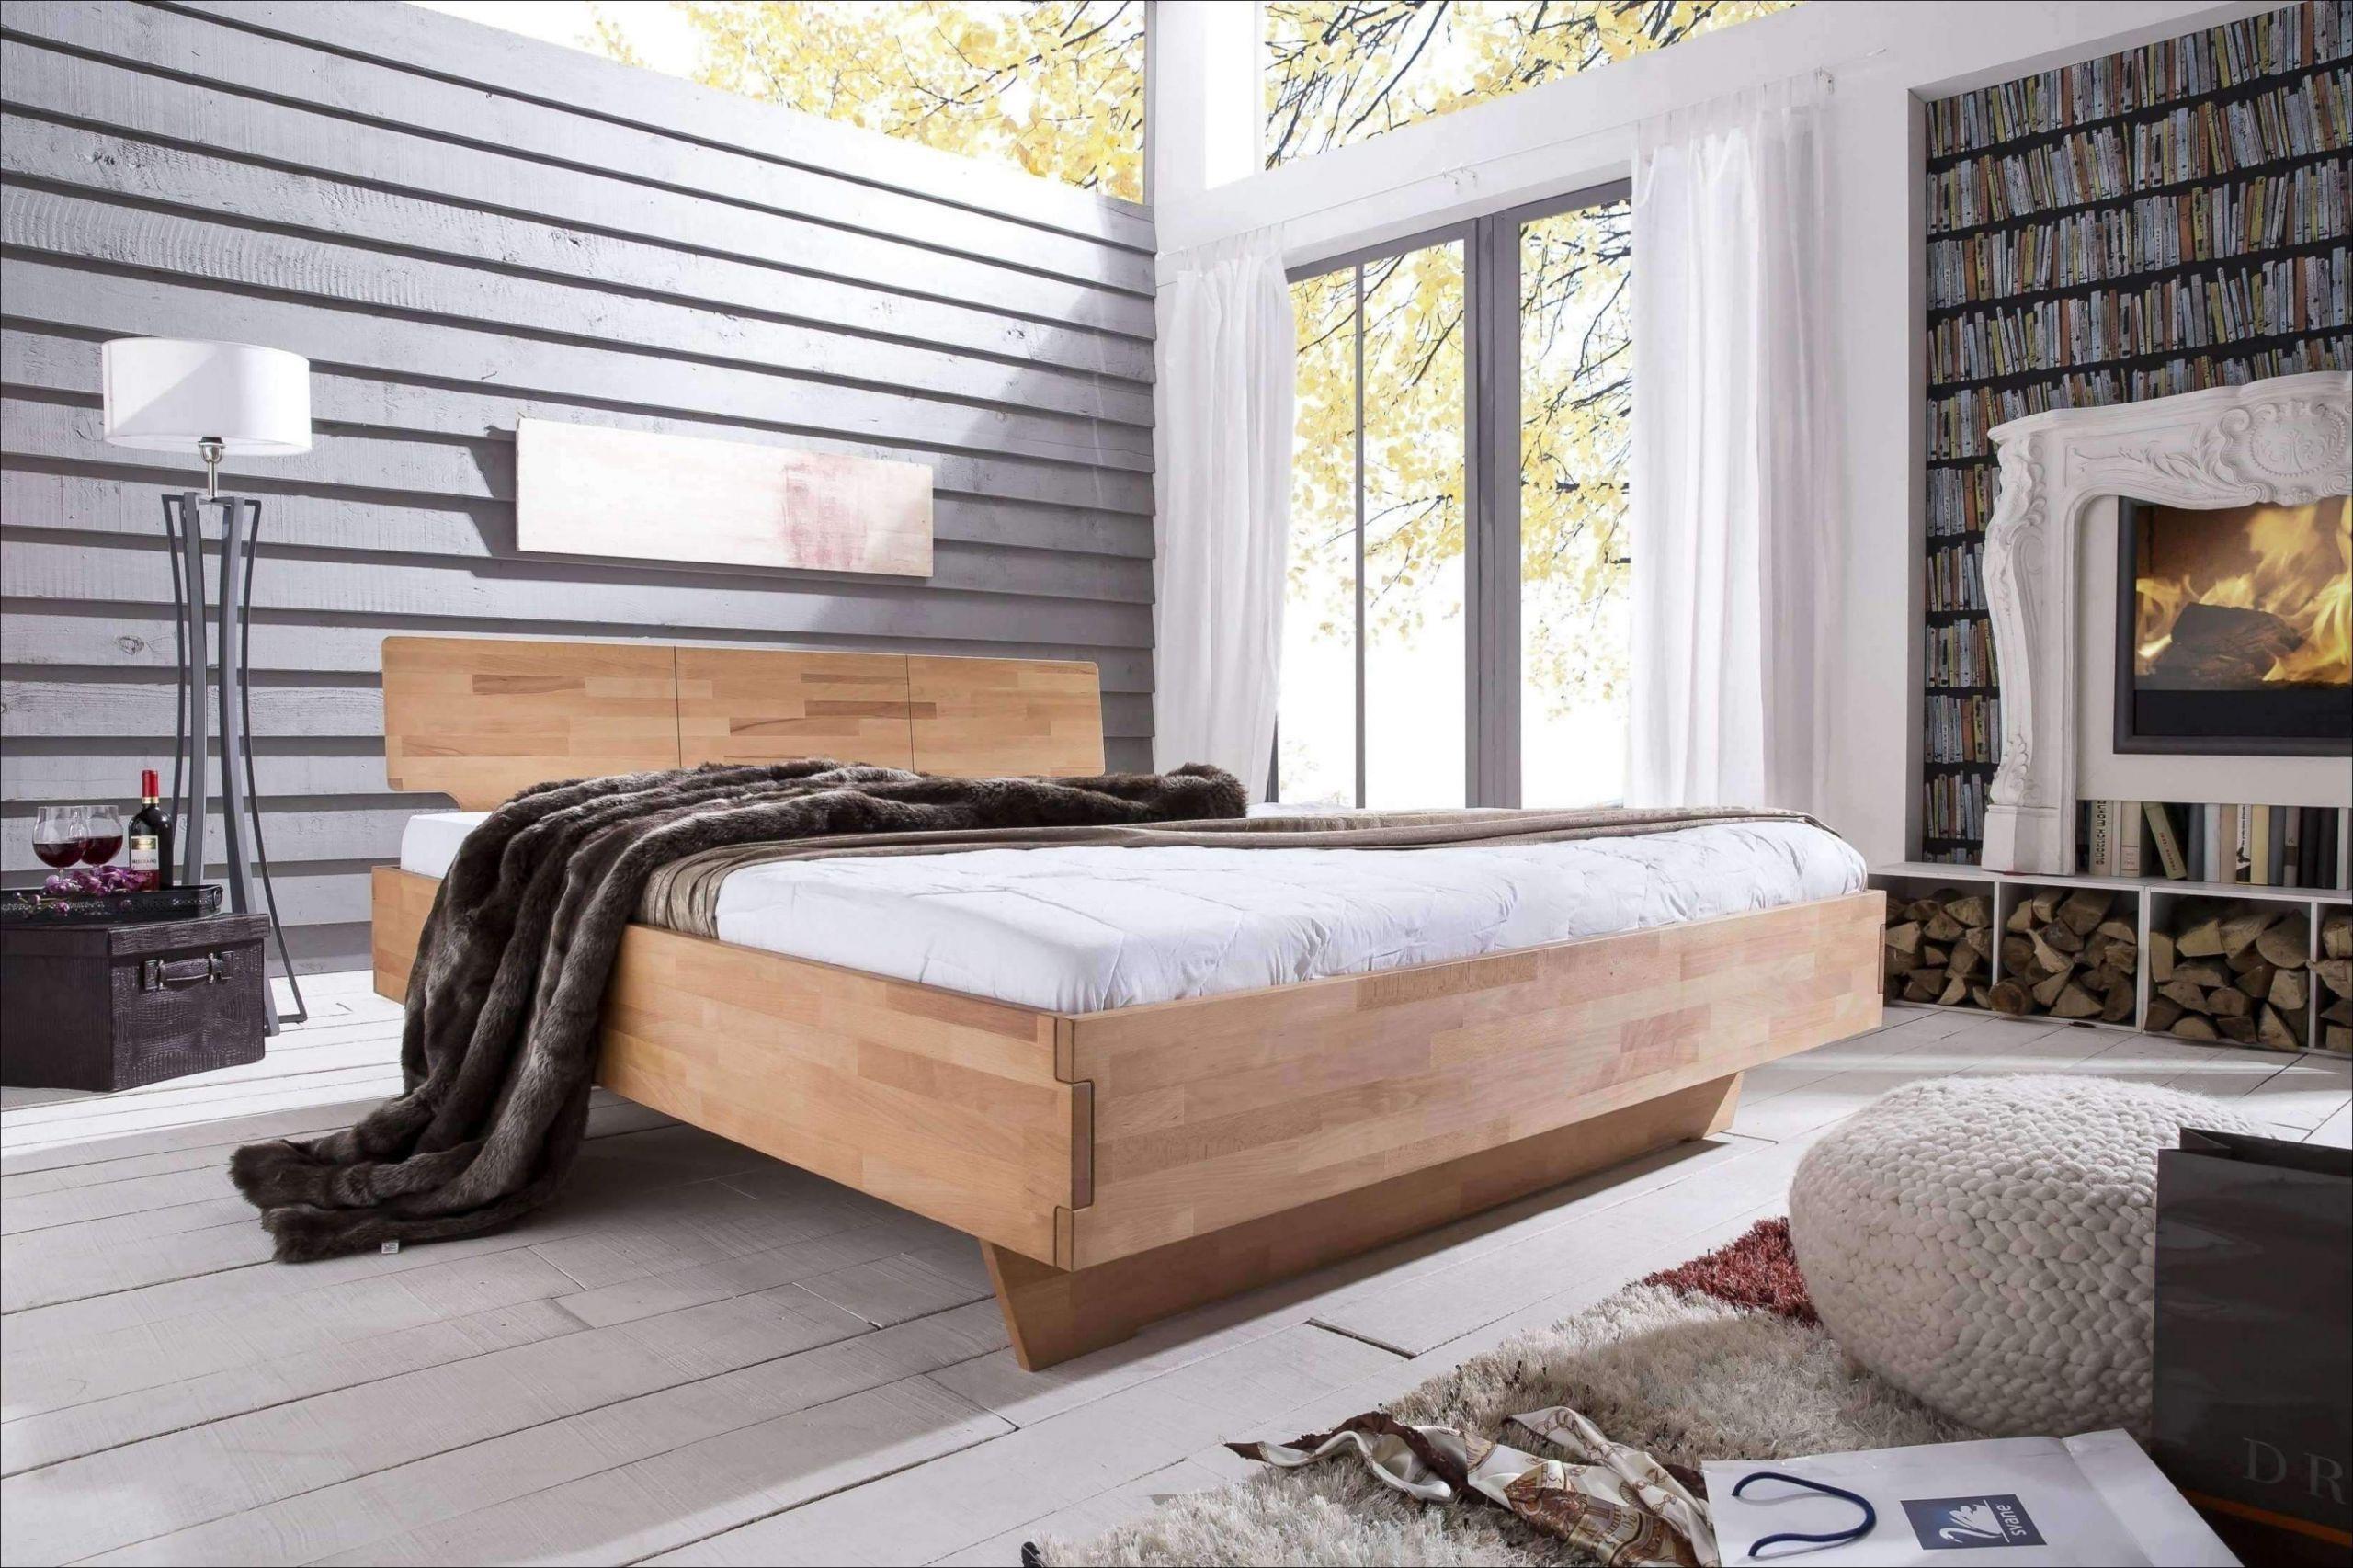 Full Size of Luxus Bett Französische Betten 140x200 Ohne Kopfteil 160x200 Mit Lattenrost Tojo Antik Komplett Sofa Bettfunktion Bette Badewanne Schlafzimmer 180x200 Steens Bett Luxus Bett